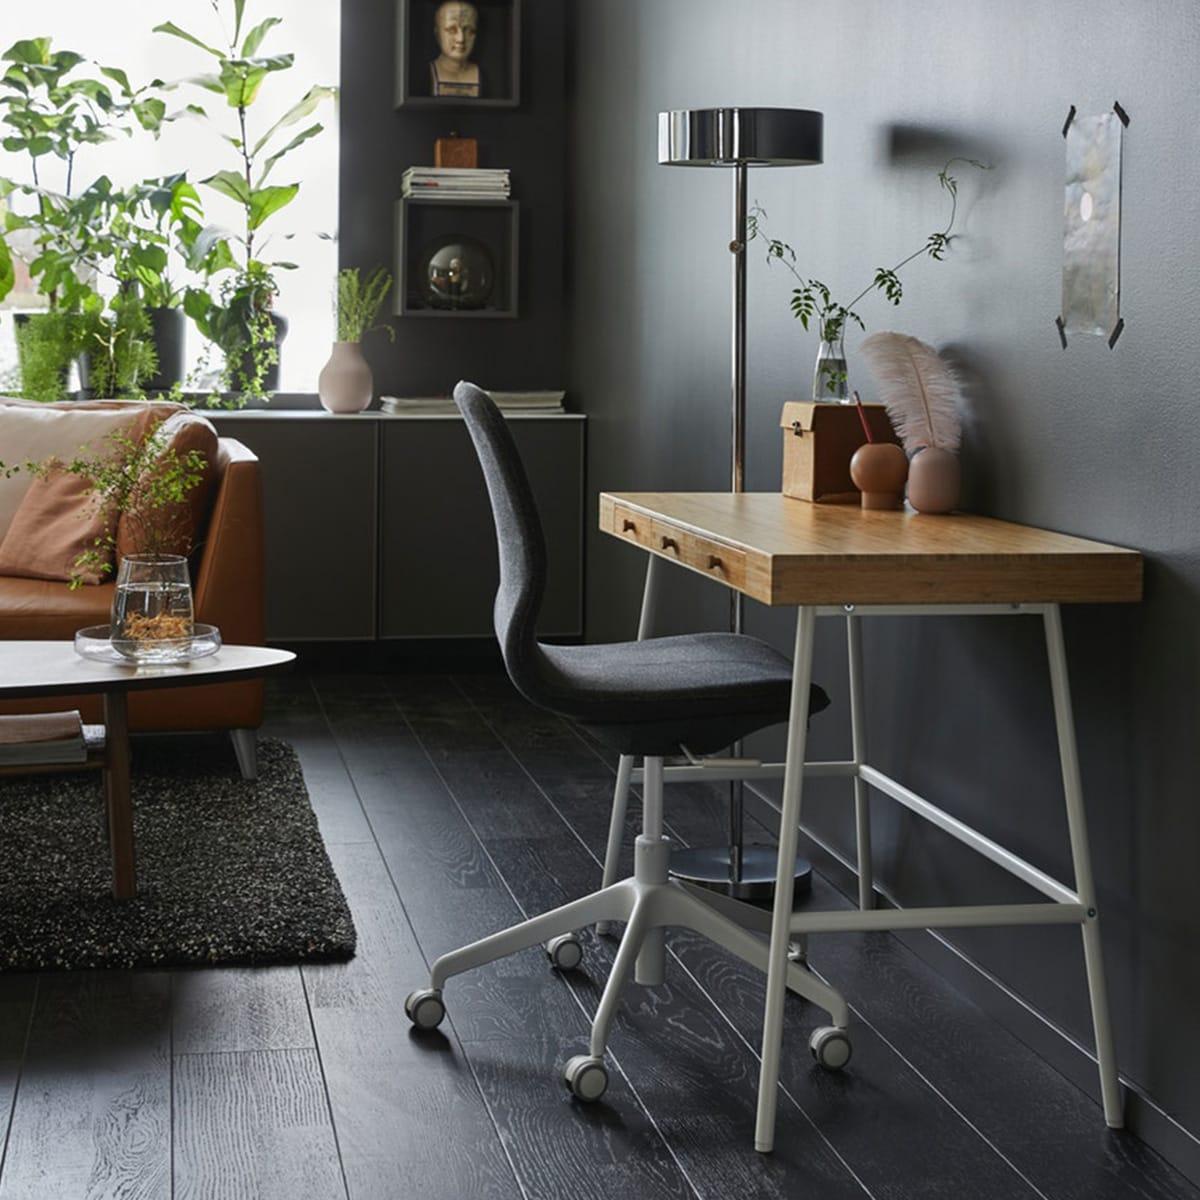 Arbeitsplatzinspirationen Ikea